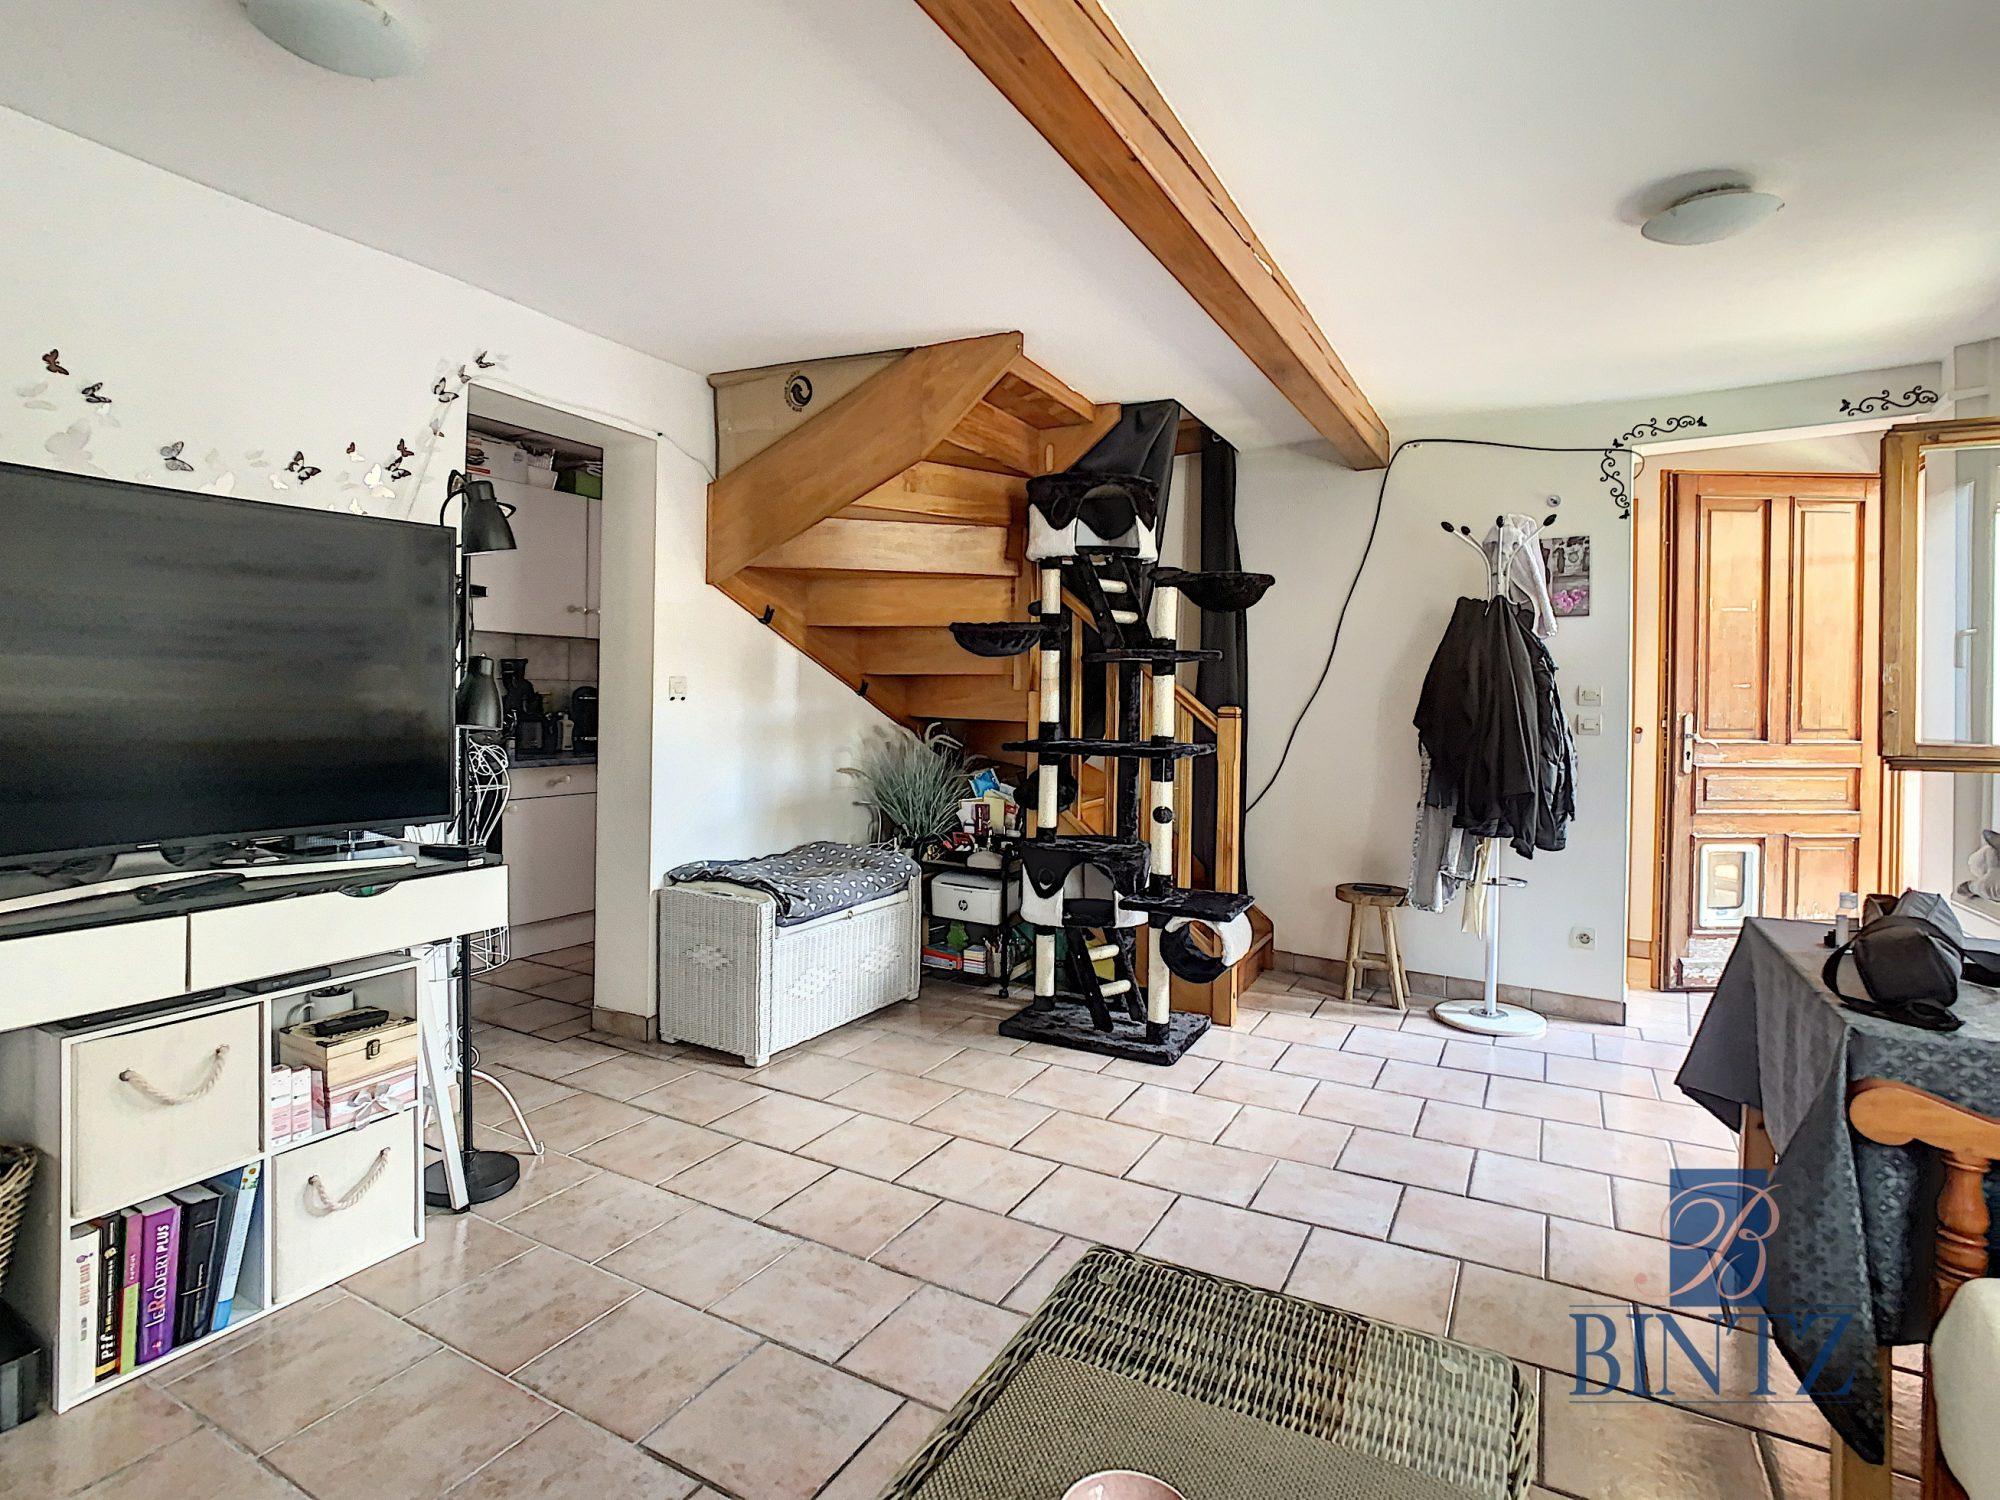 Pour investisseur : maison 2 pièces louée, avec garage fermé - Devenez propriétaire en toute confiance - Bintz Immobilier - 3